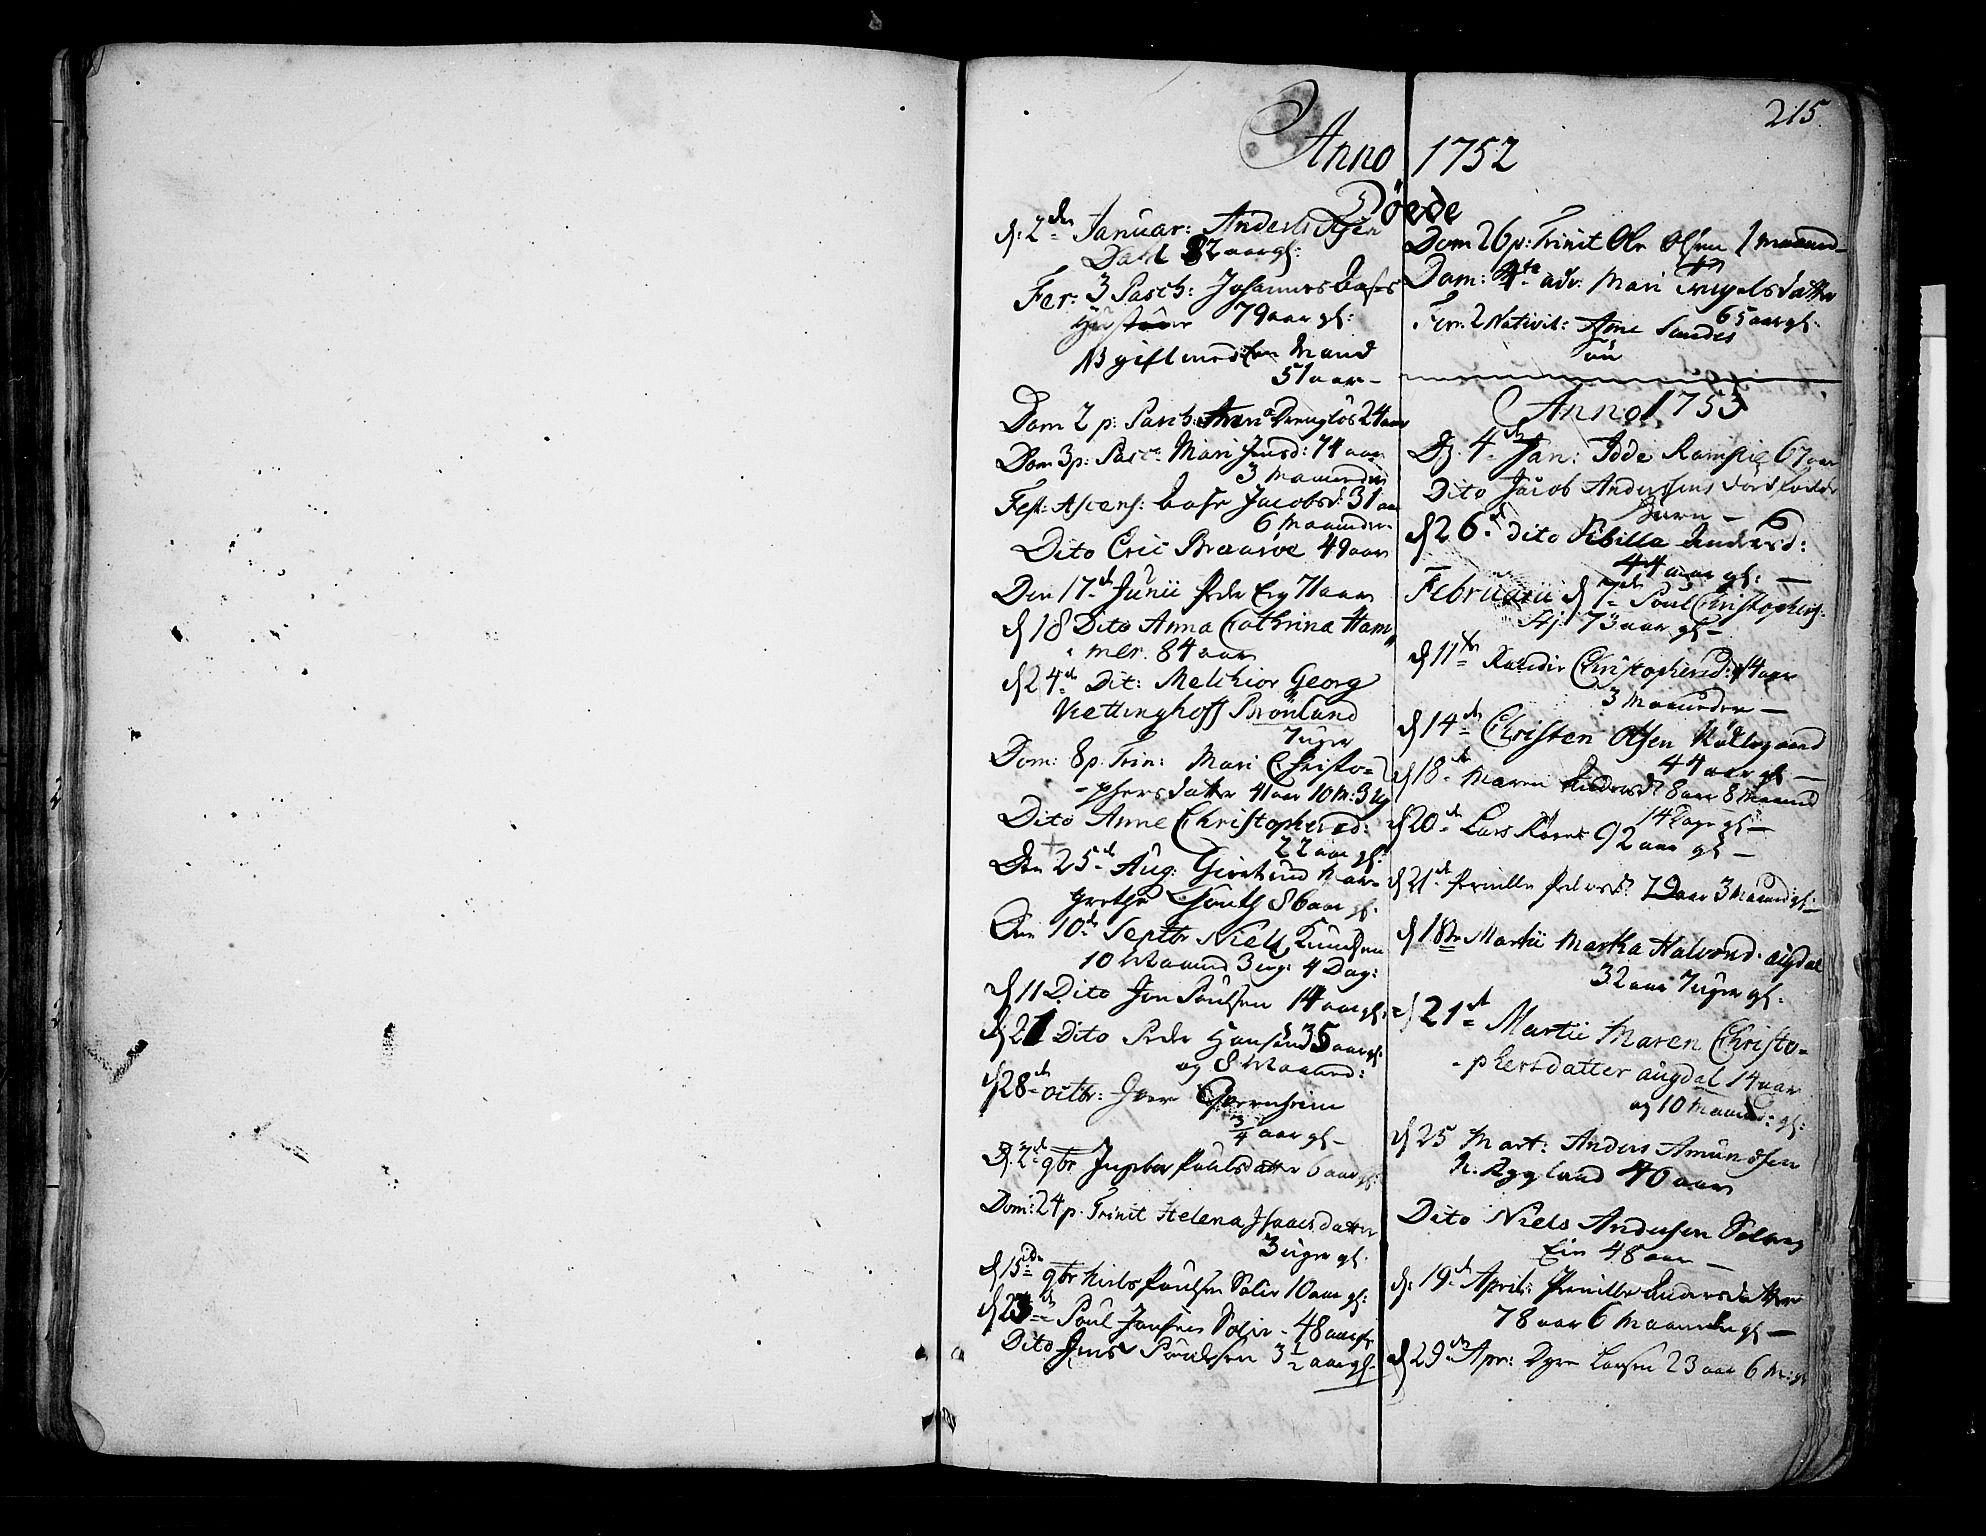 SAKO, Borre kirkebøker, F/Fa/L0002: Ministerialbok nr. I 2, 1752-1806, s. 215